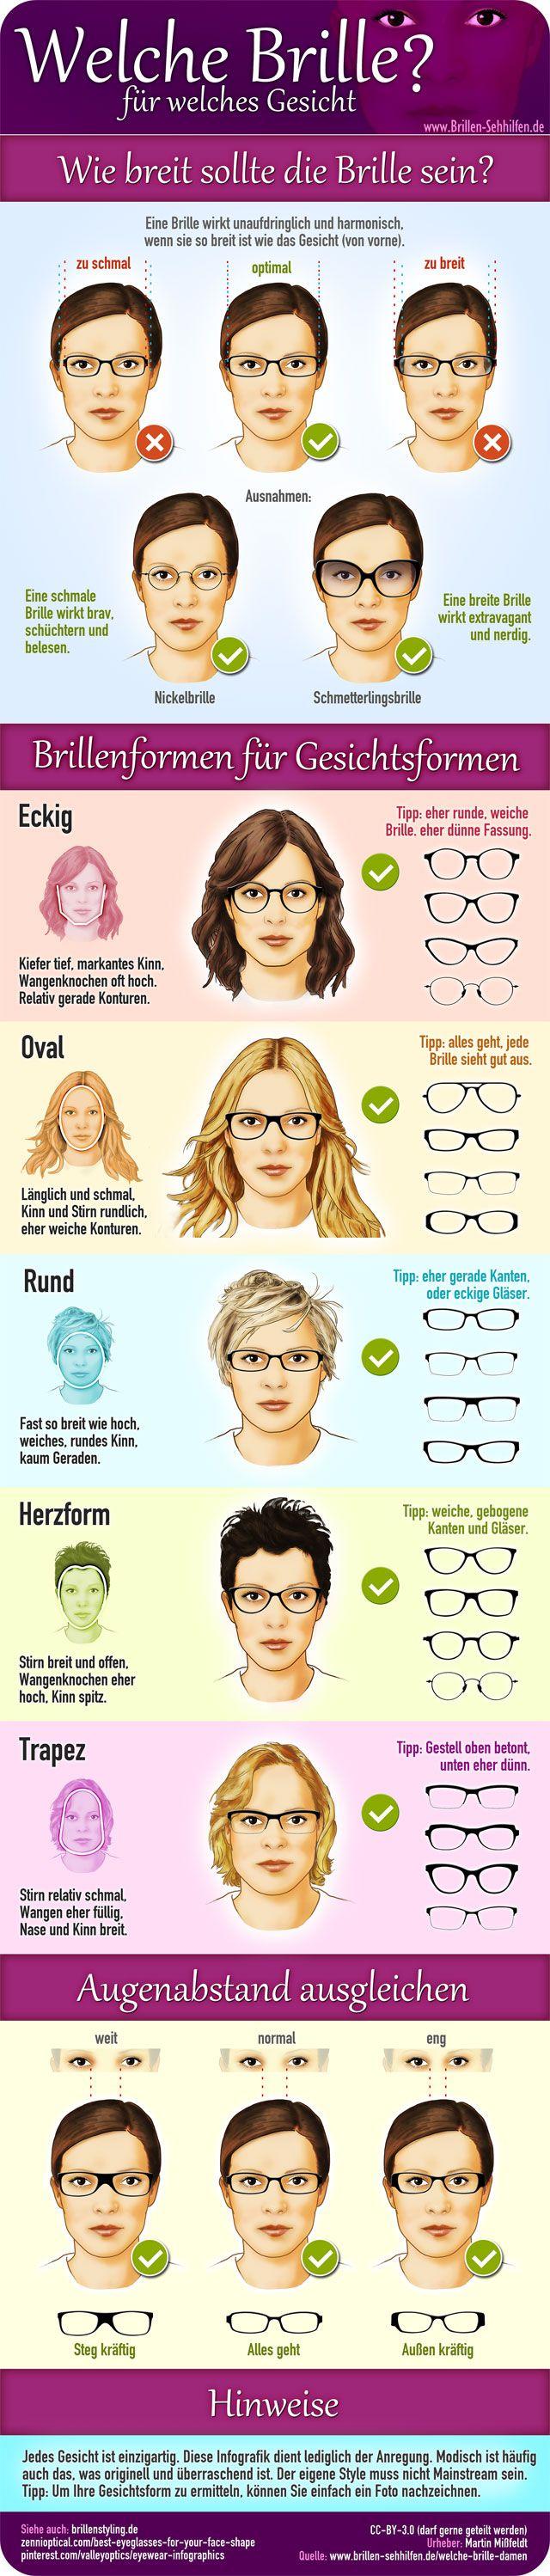 Frisur fur schmales gesicht mit brille